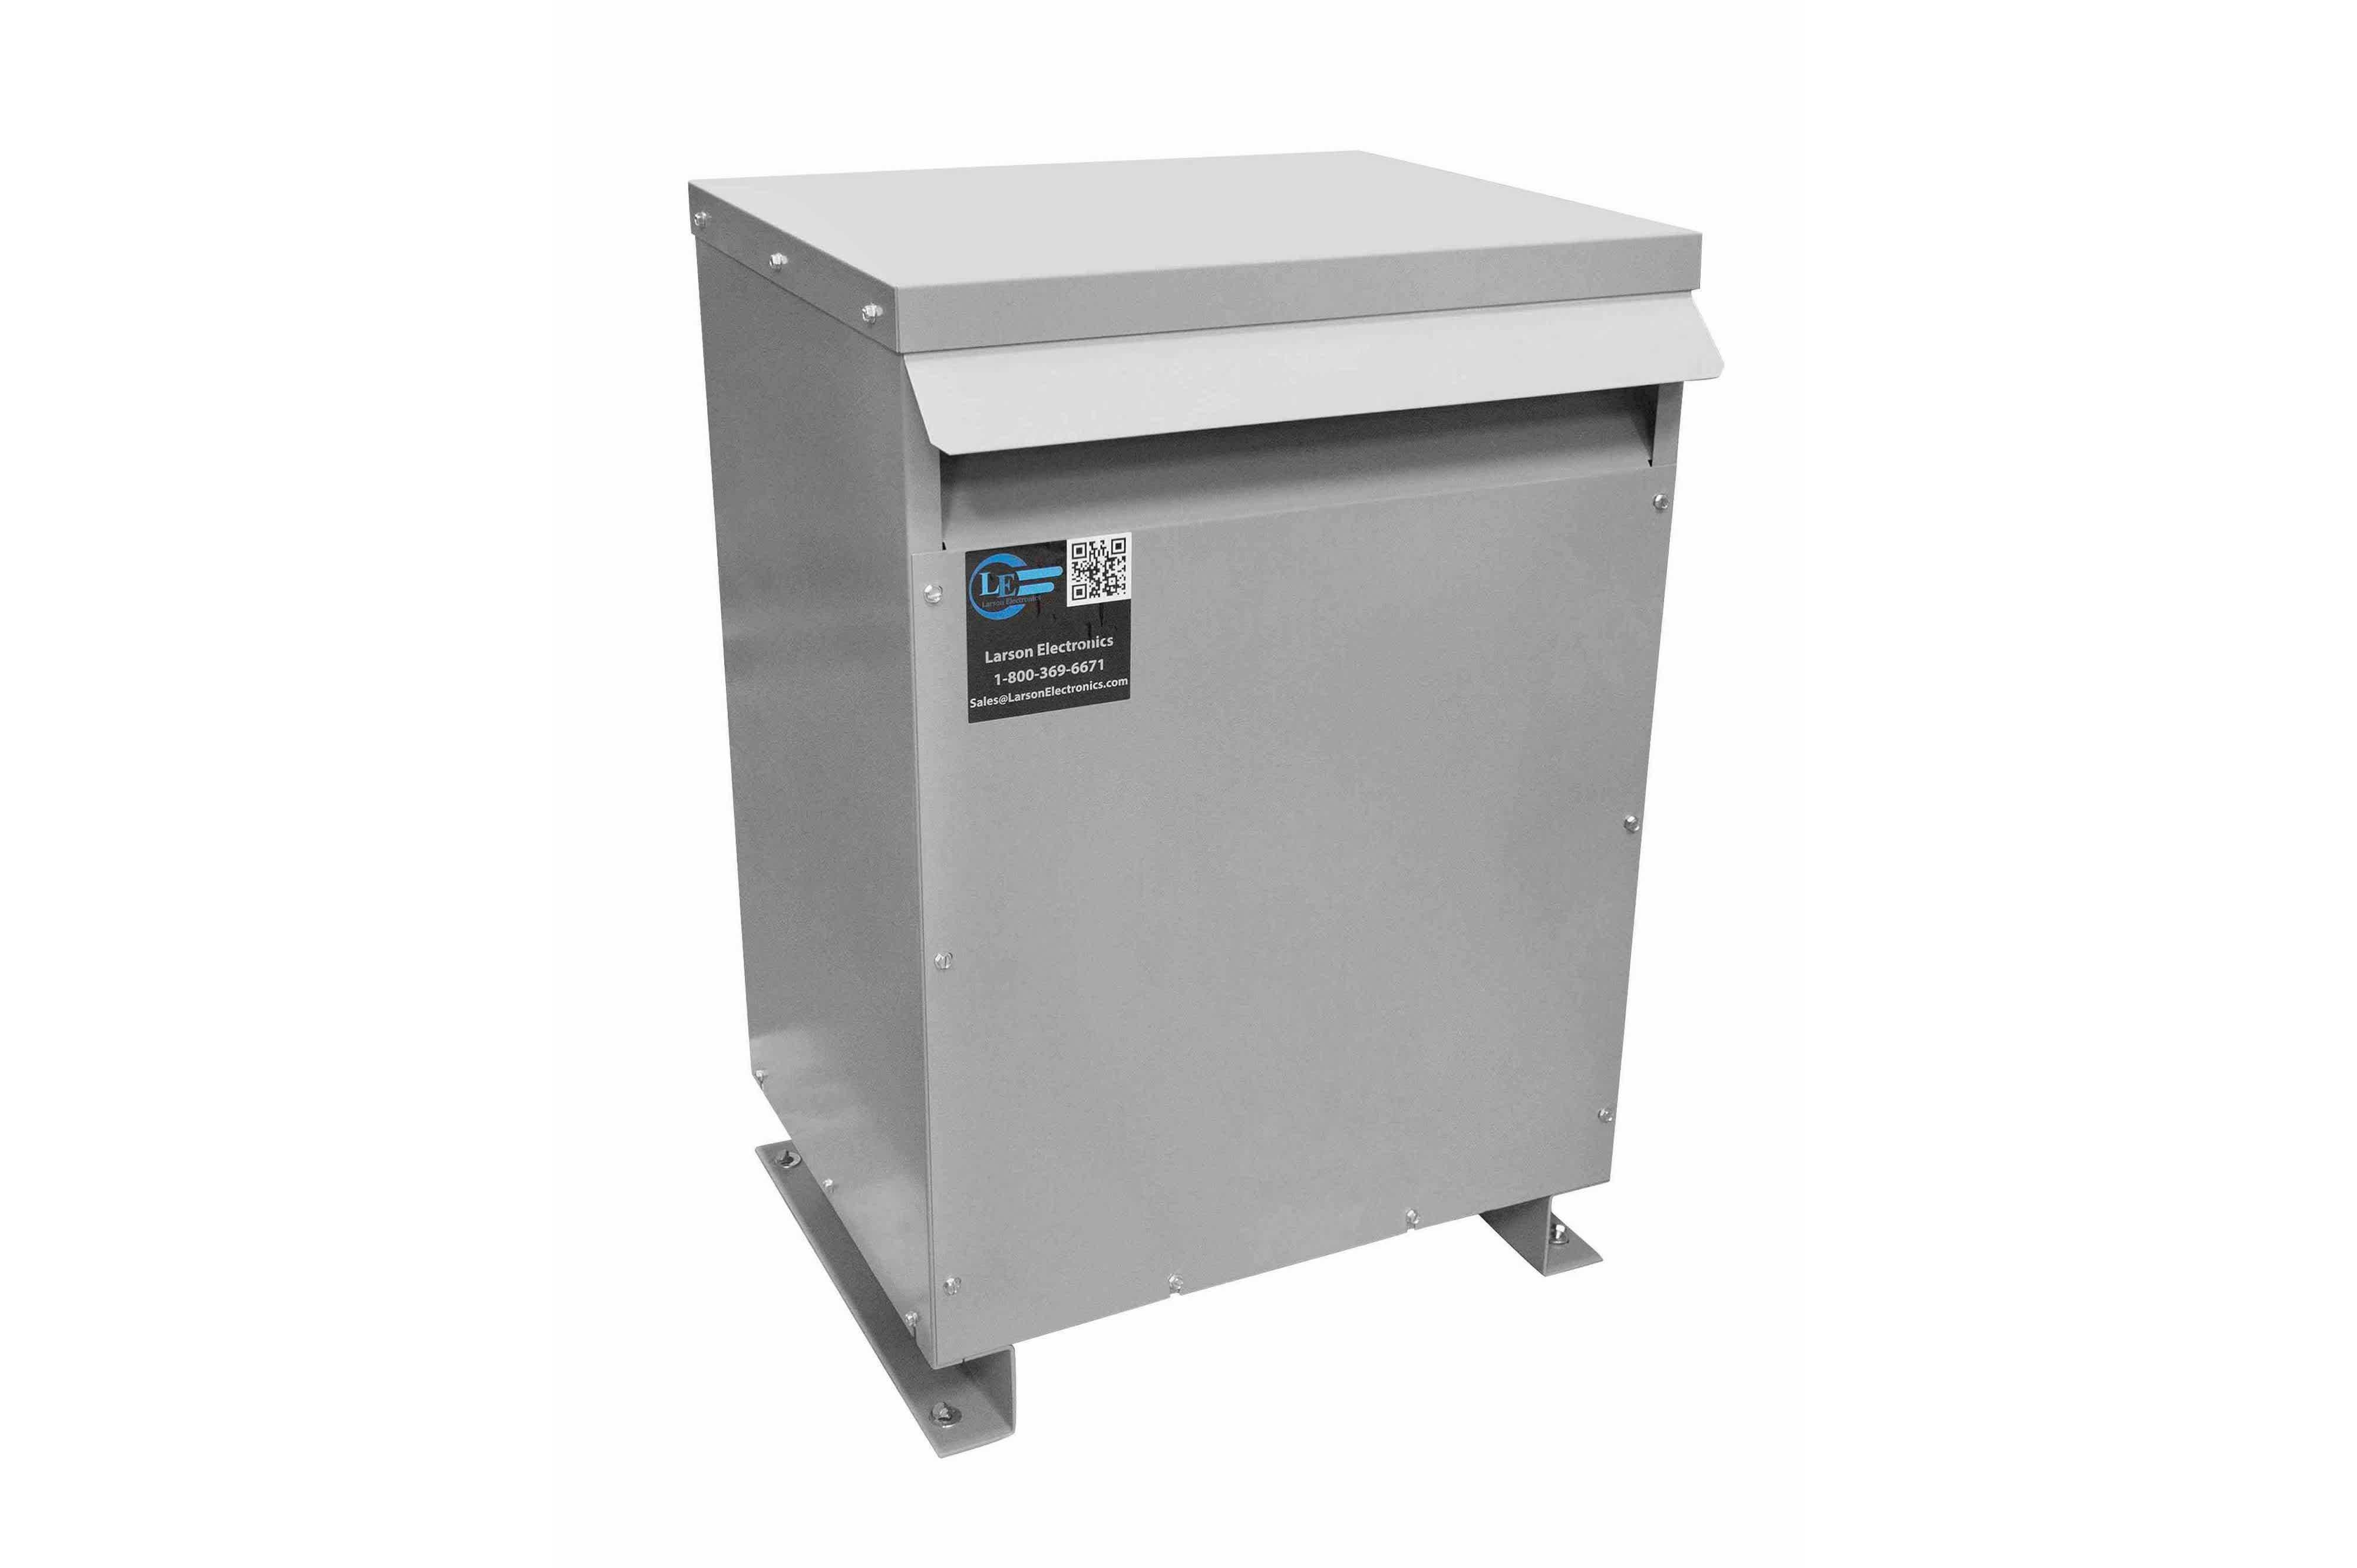 27 kVA 3PH Isolation Transformer, 230V Delta Primary, 480V Delta Secondary, N3R, Ventilated, 60 Hz